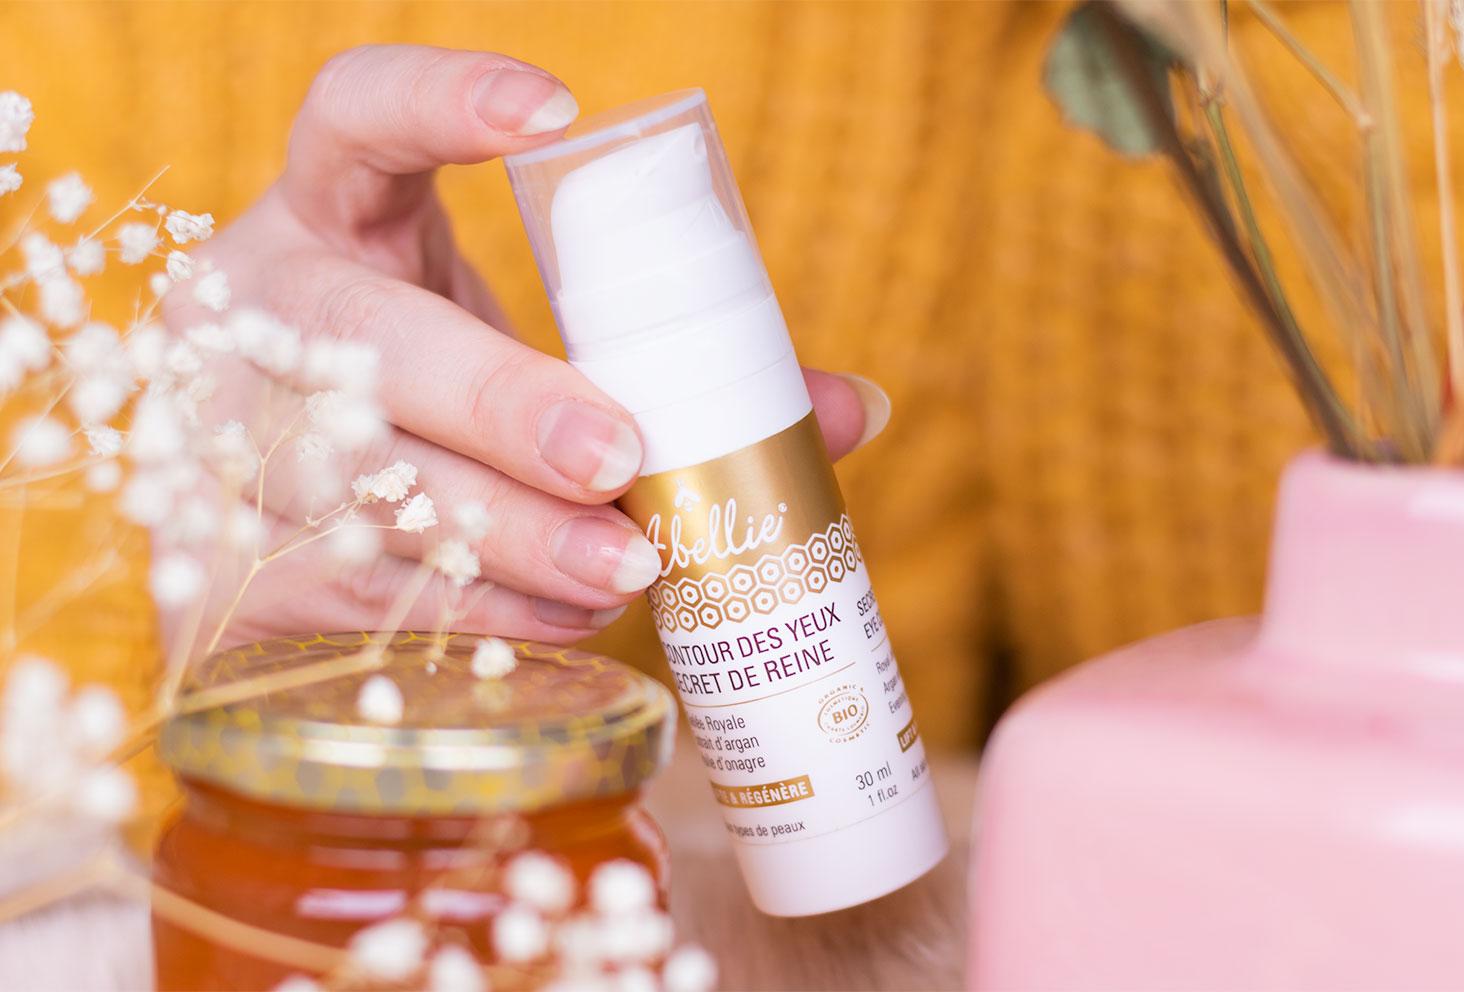 Zoom sur le contour des yeux Abellie, tenu dans la main au milieu de fleurs sèches et de miel